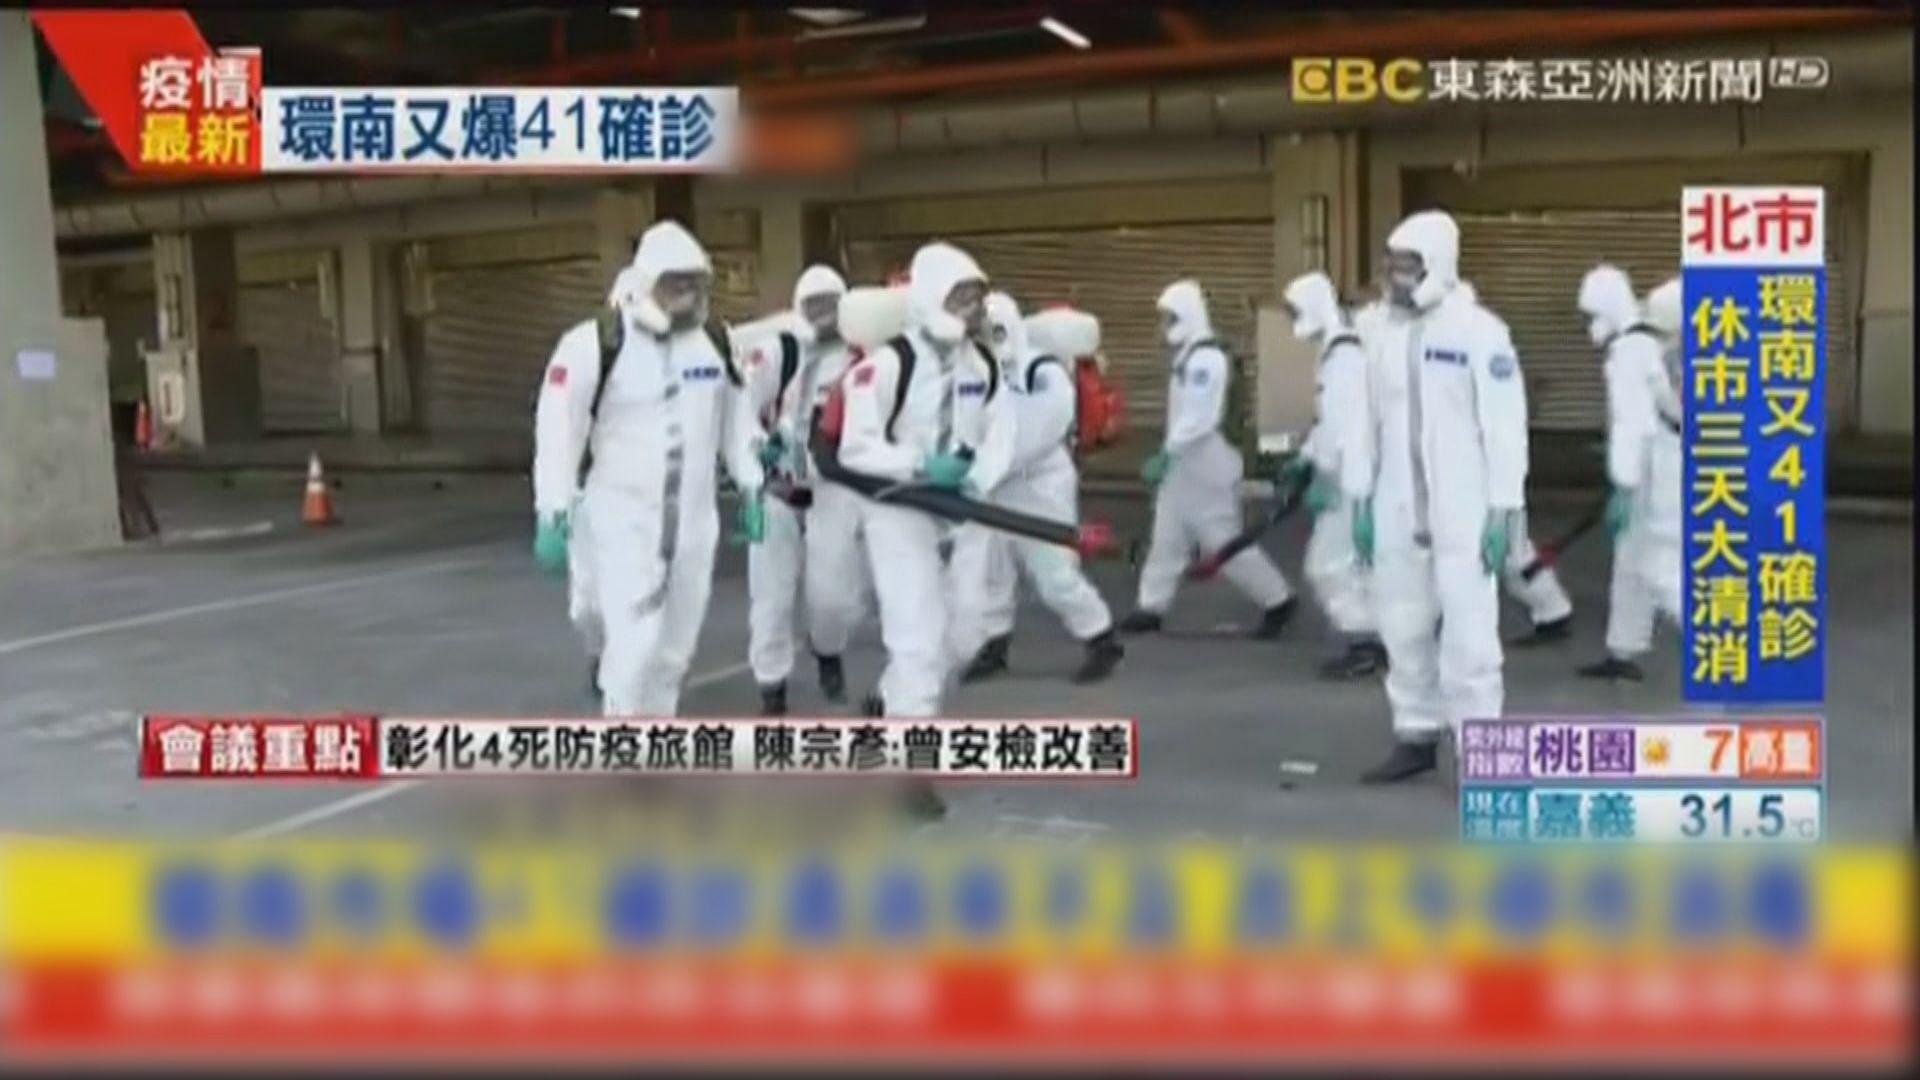 台北環南市場41人確診 市場休市三天消毒